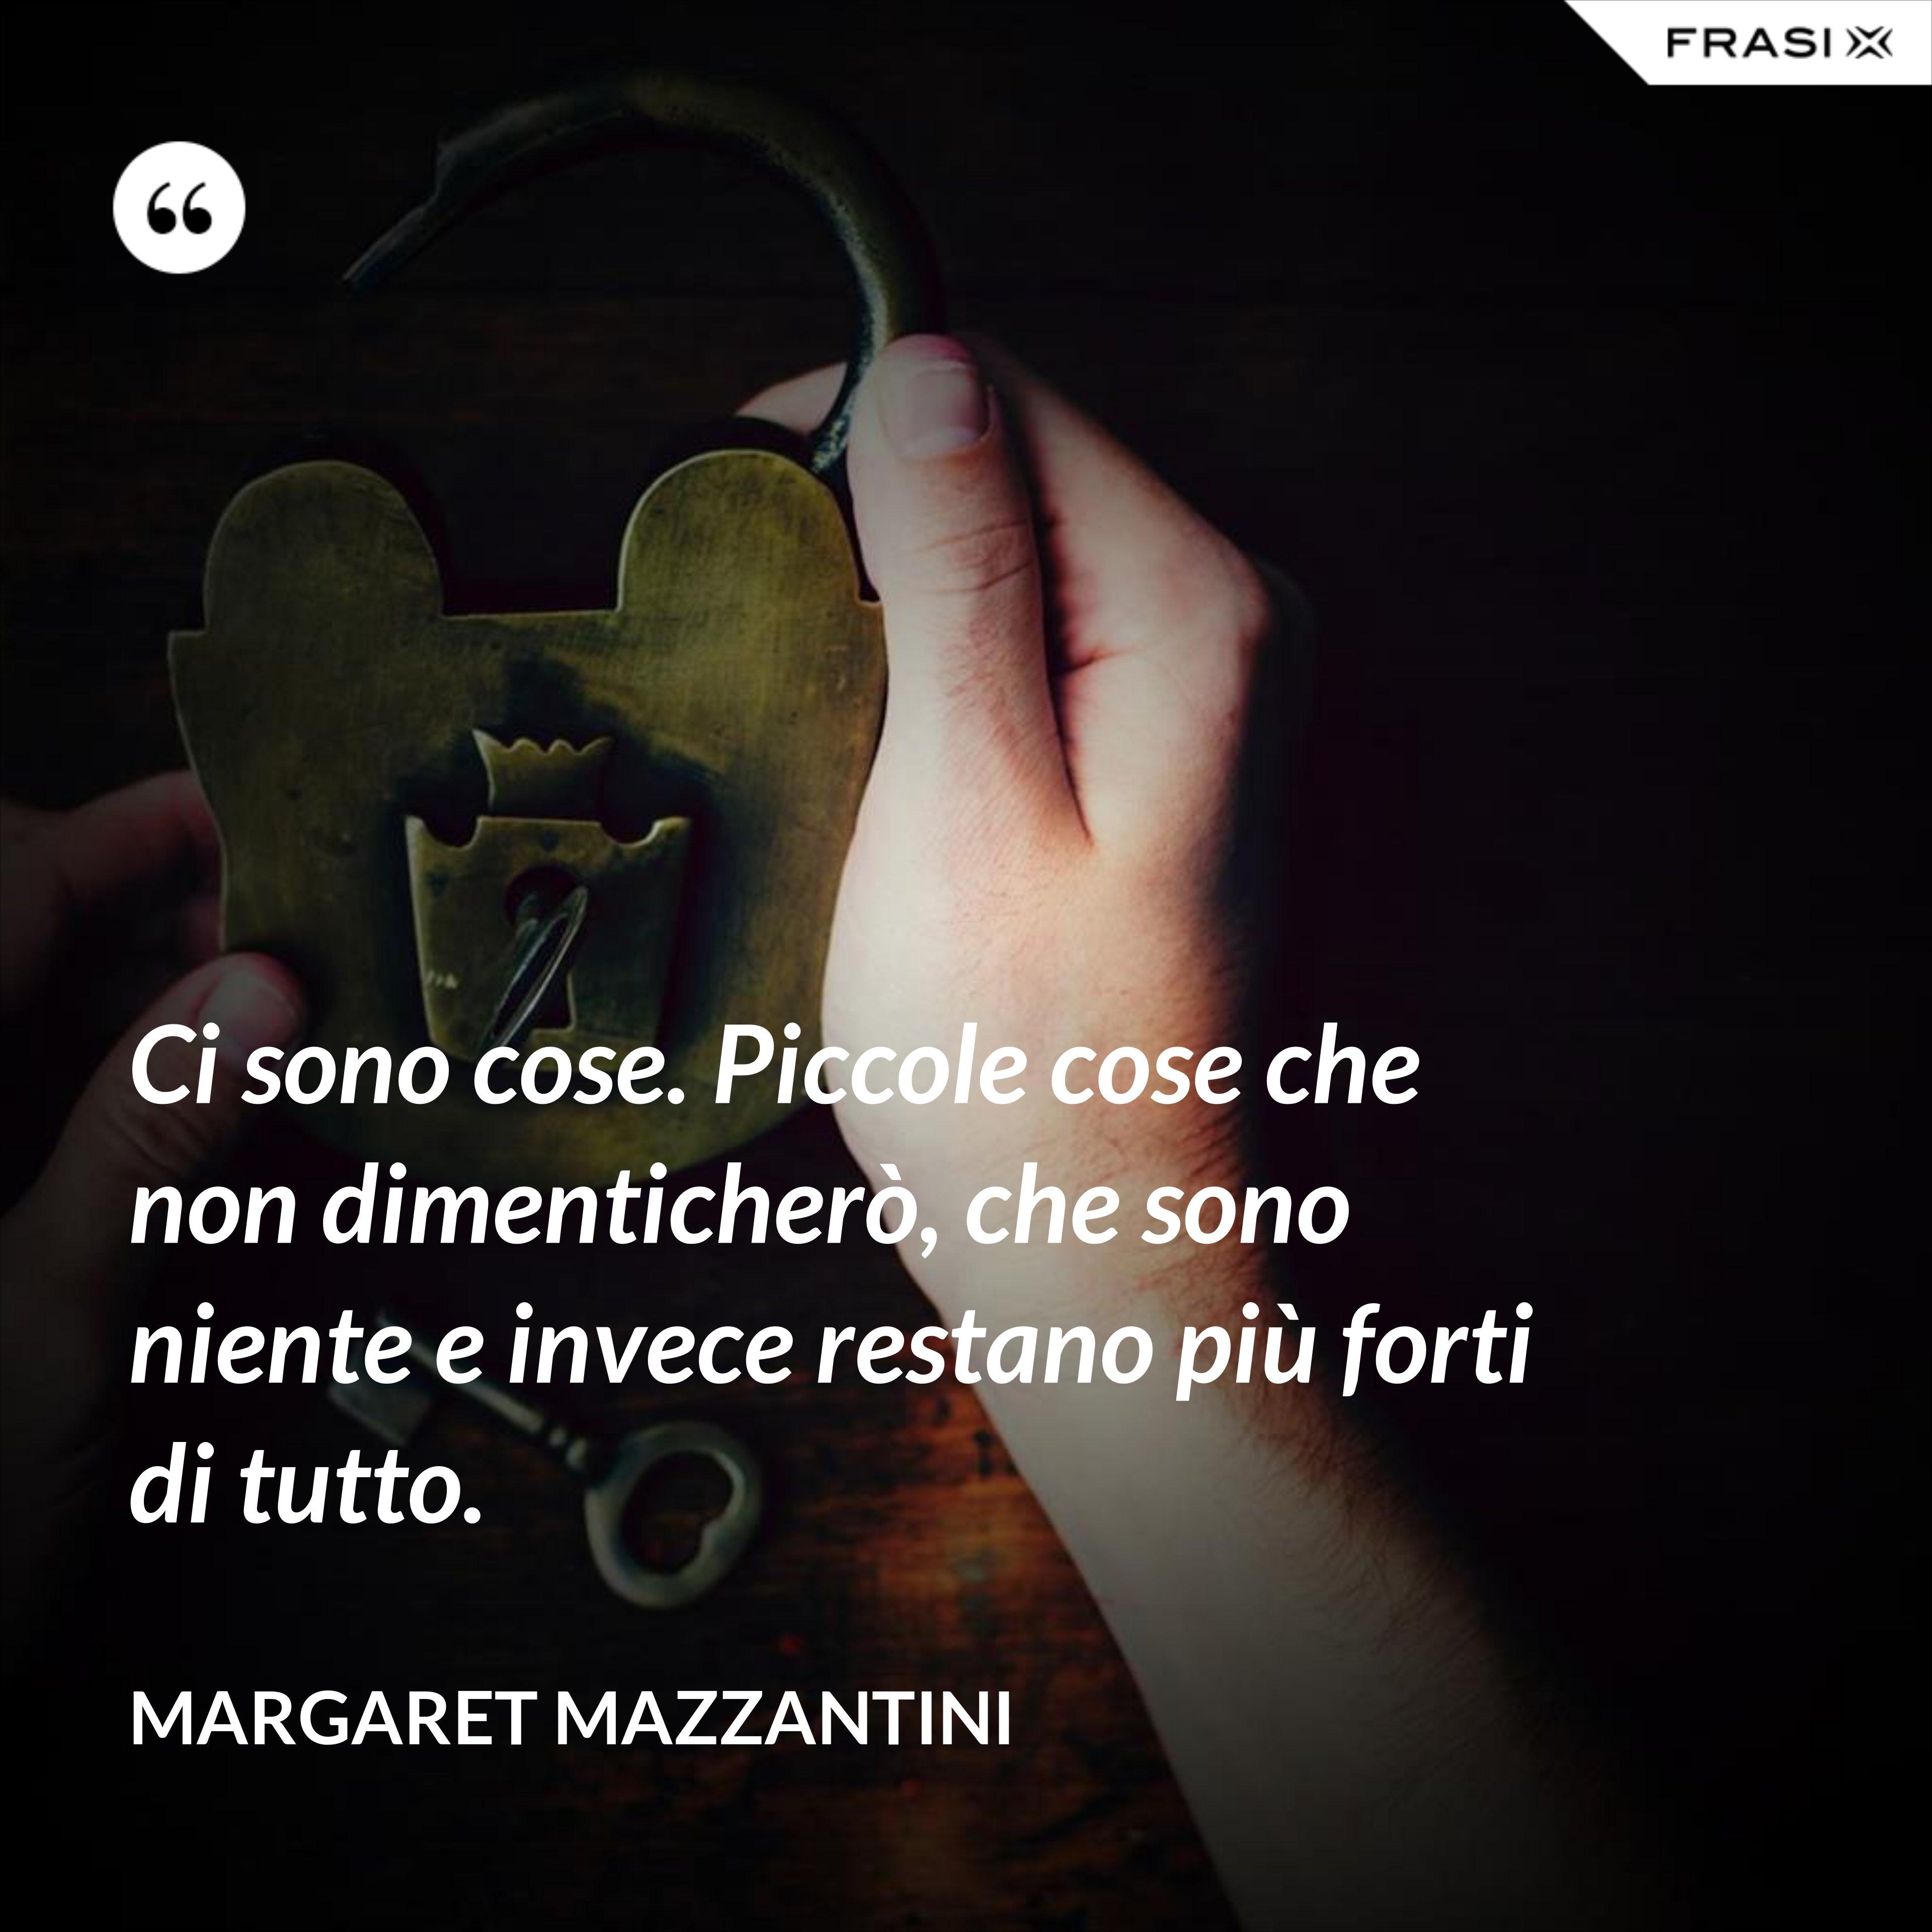 Ci sono cose. Piccole cose che non dimenticherò, che sono niente e invece restano più forti di tutto. - Margaret Mazzantini